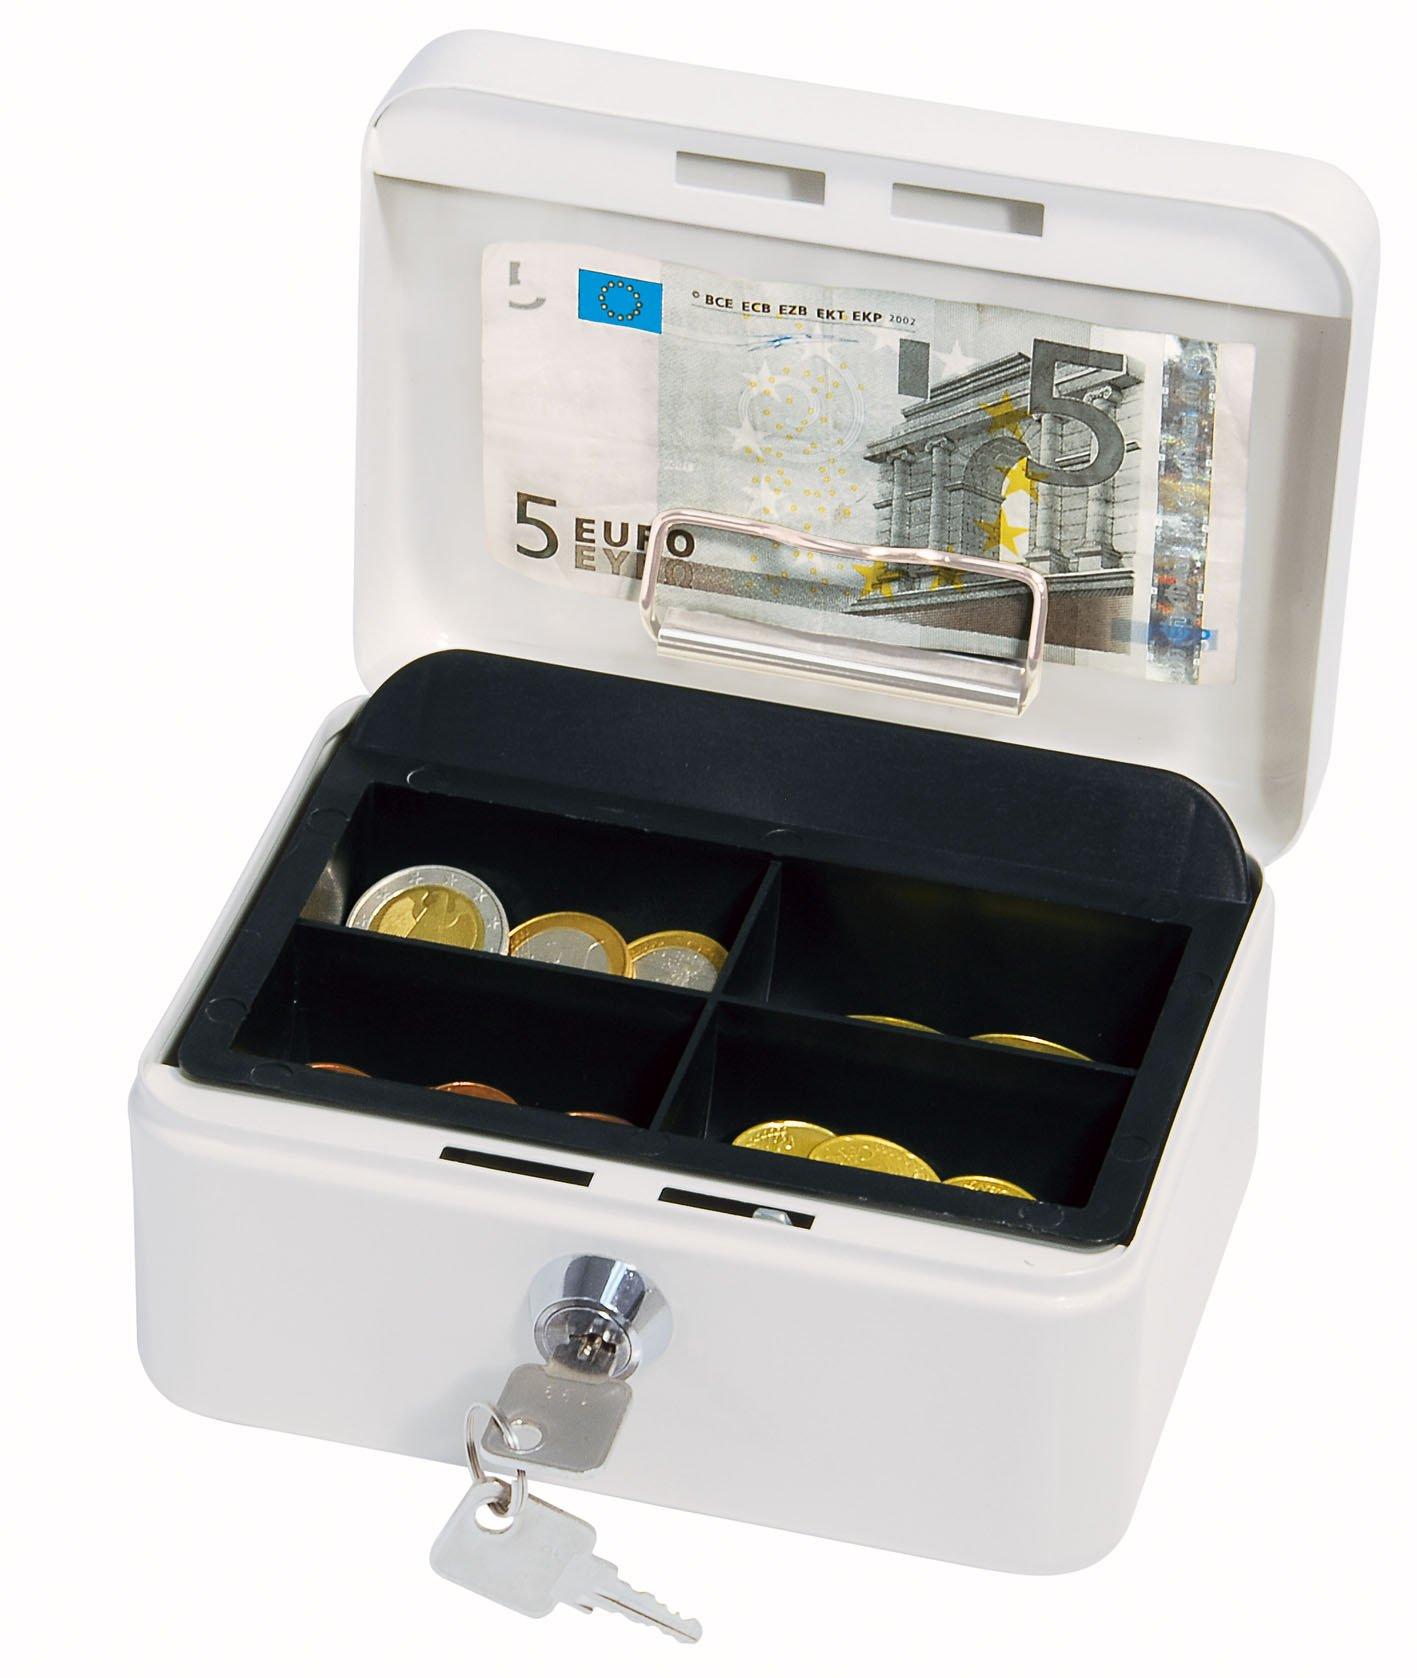 Wedo 14510 - Caja para dinero (15,2 x 11,5 x 8 cm, 4 compartimentos), color blanco: Amazon.es: Oficina y papelería